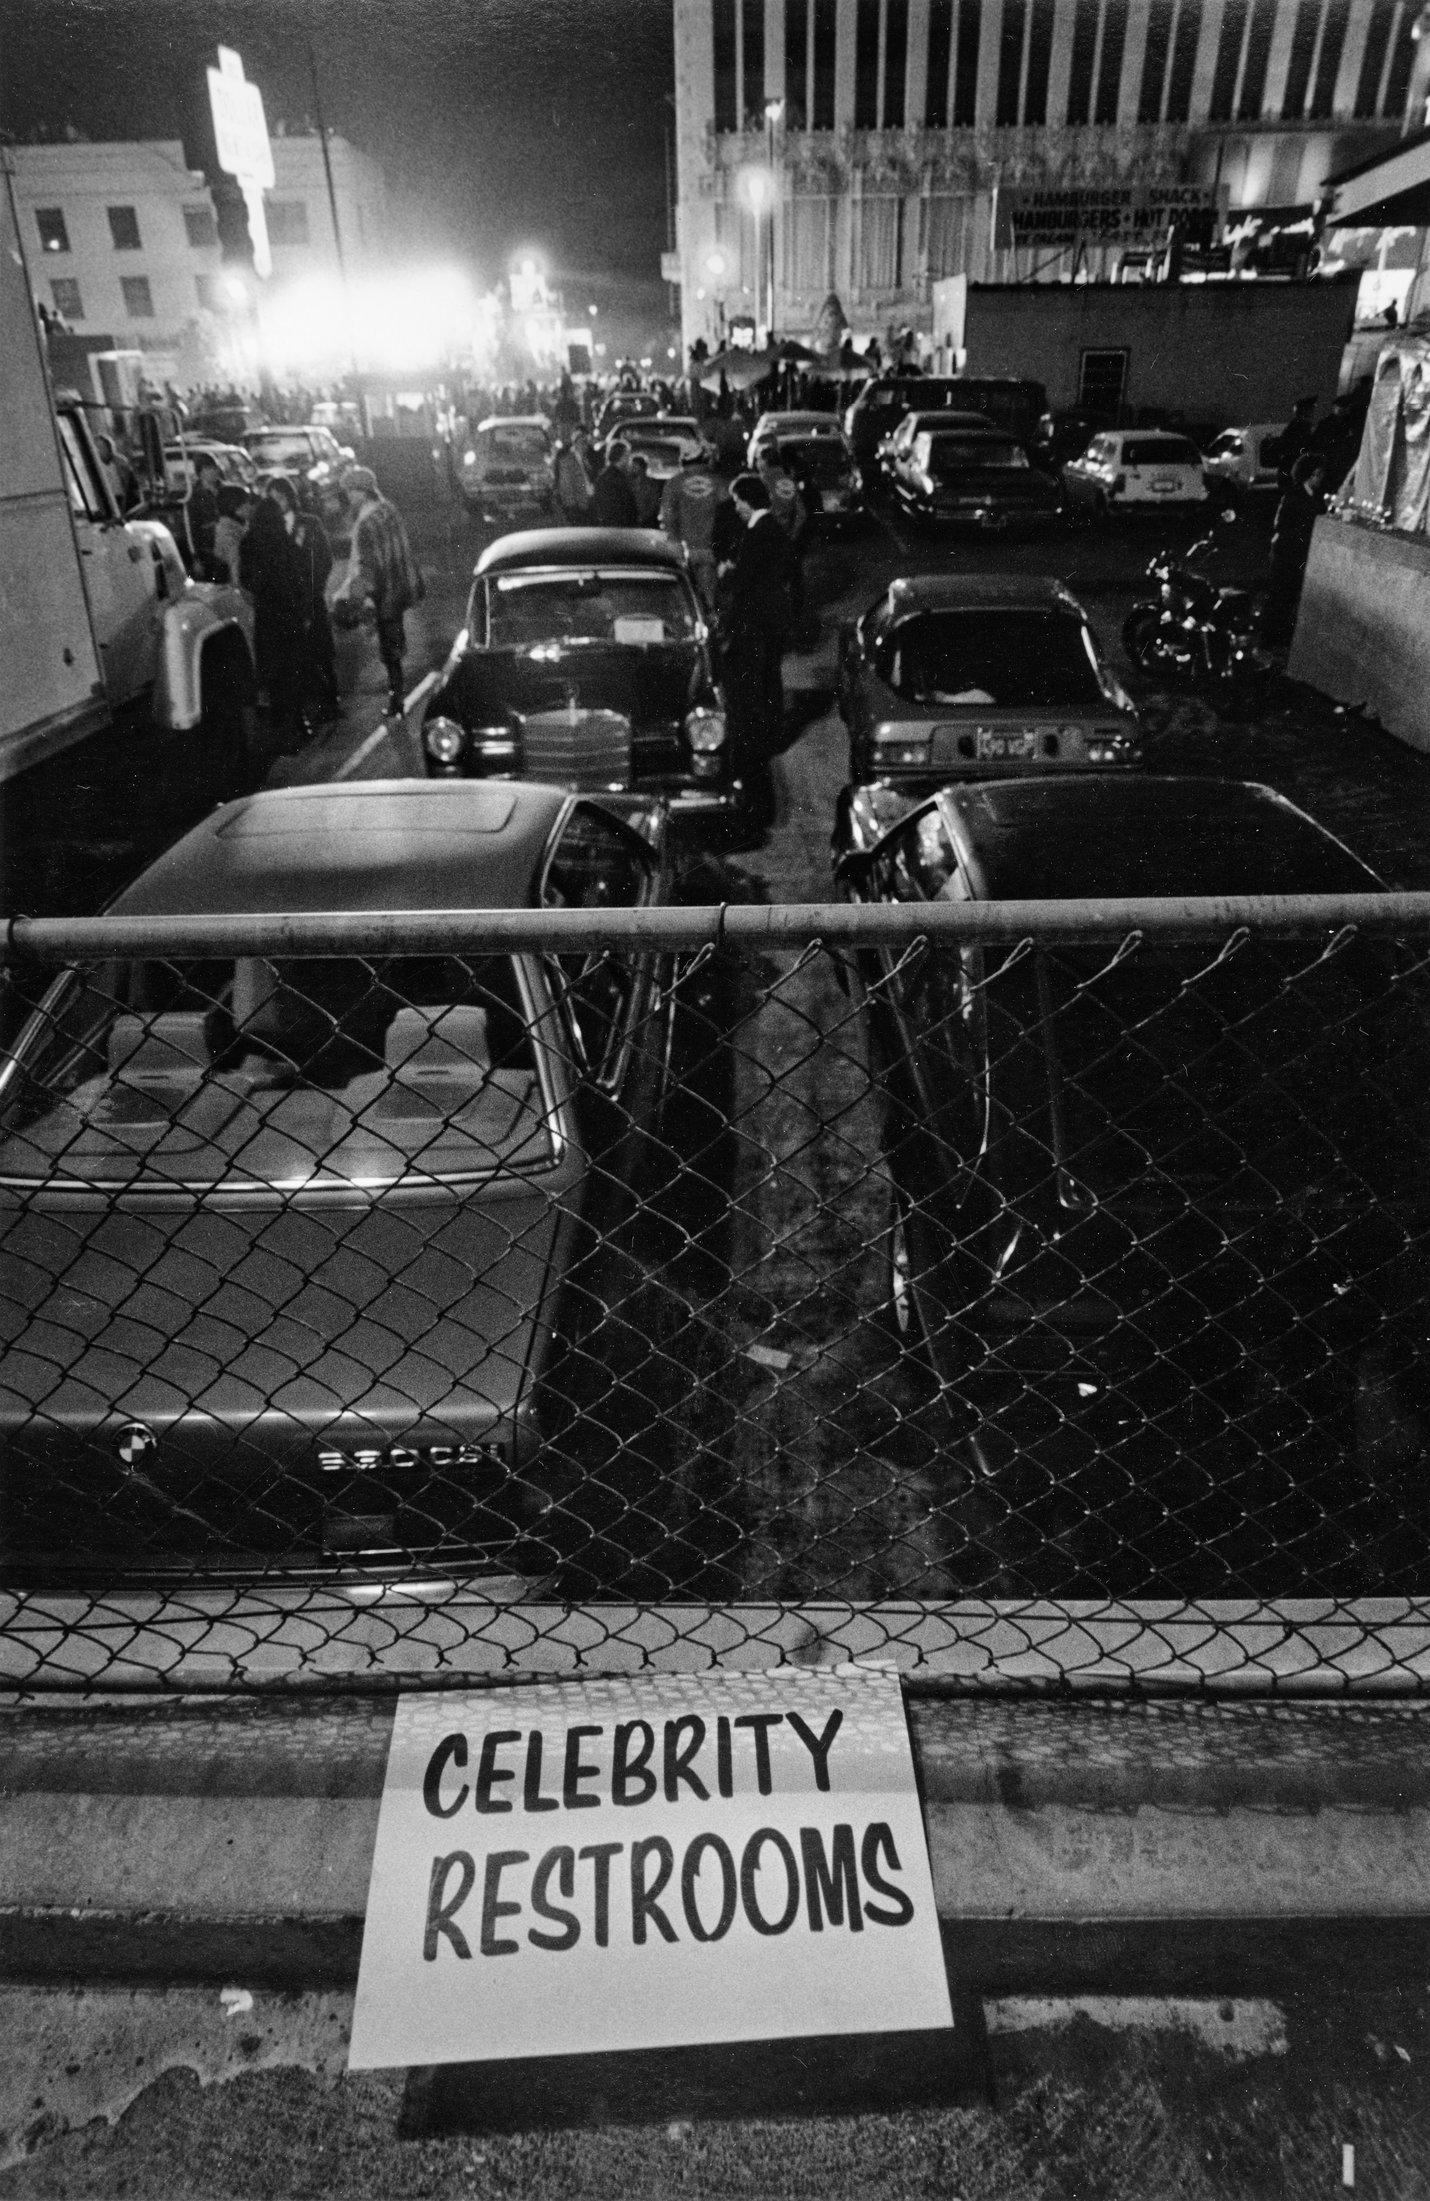 Celebrity restrooms.jpg